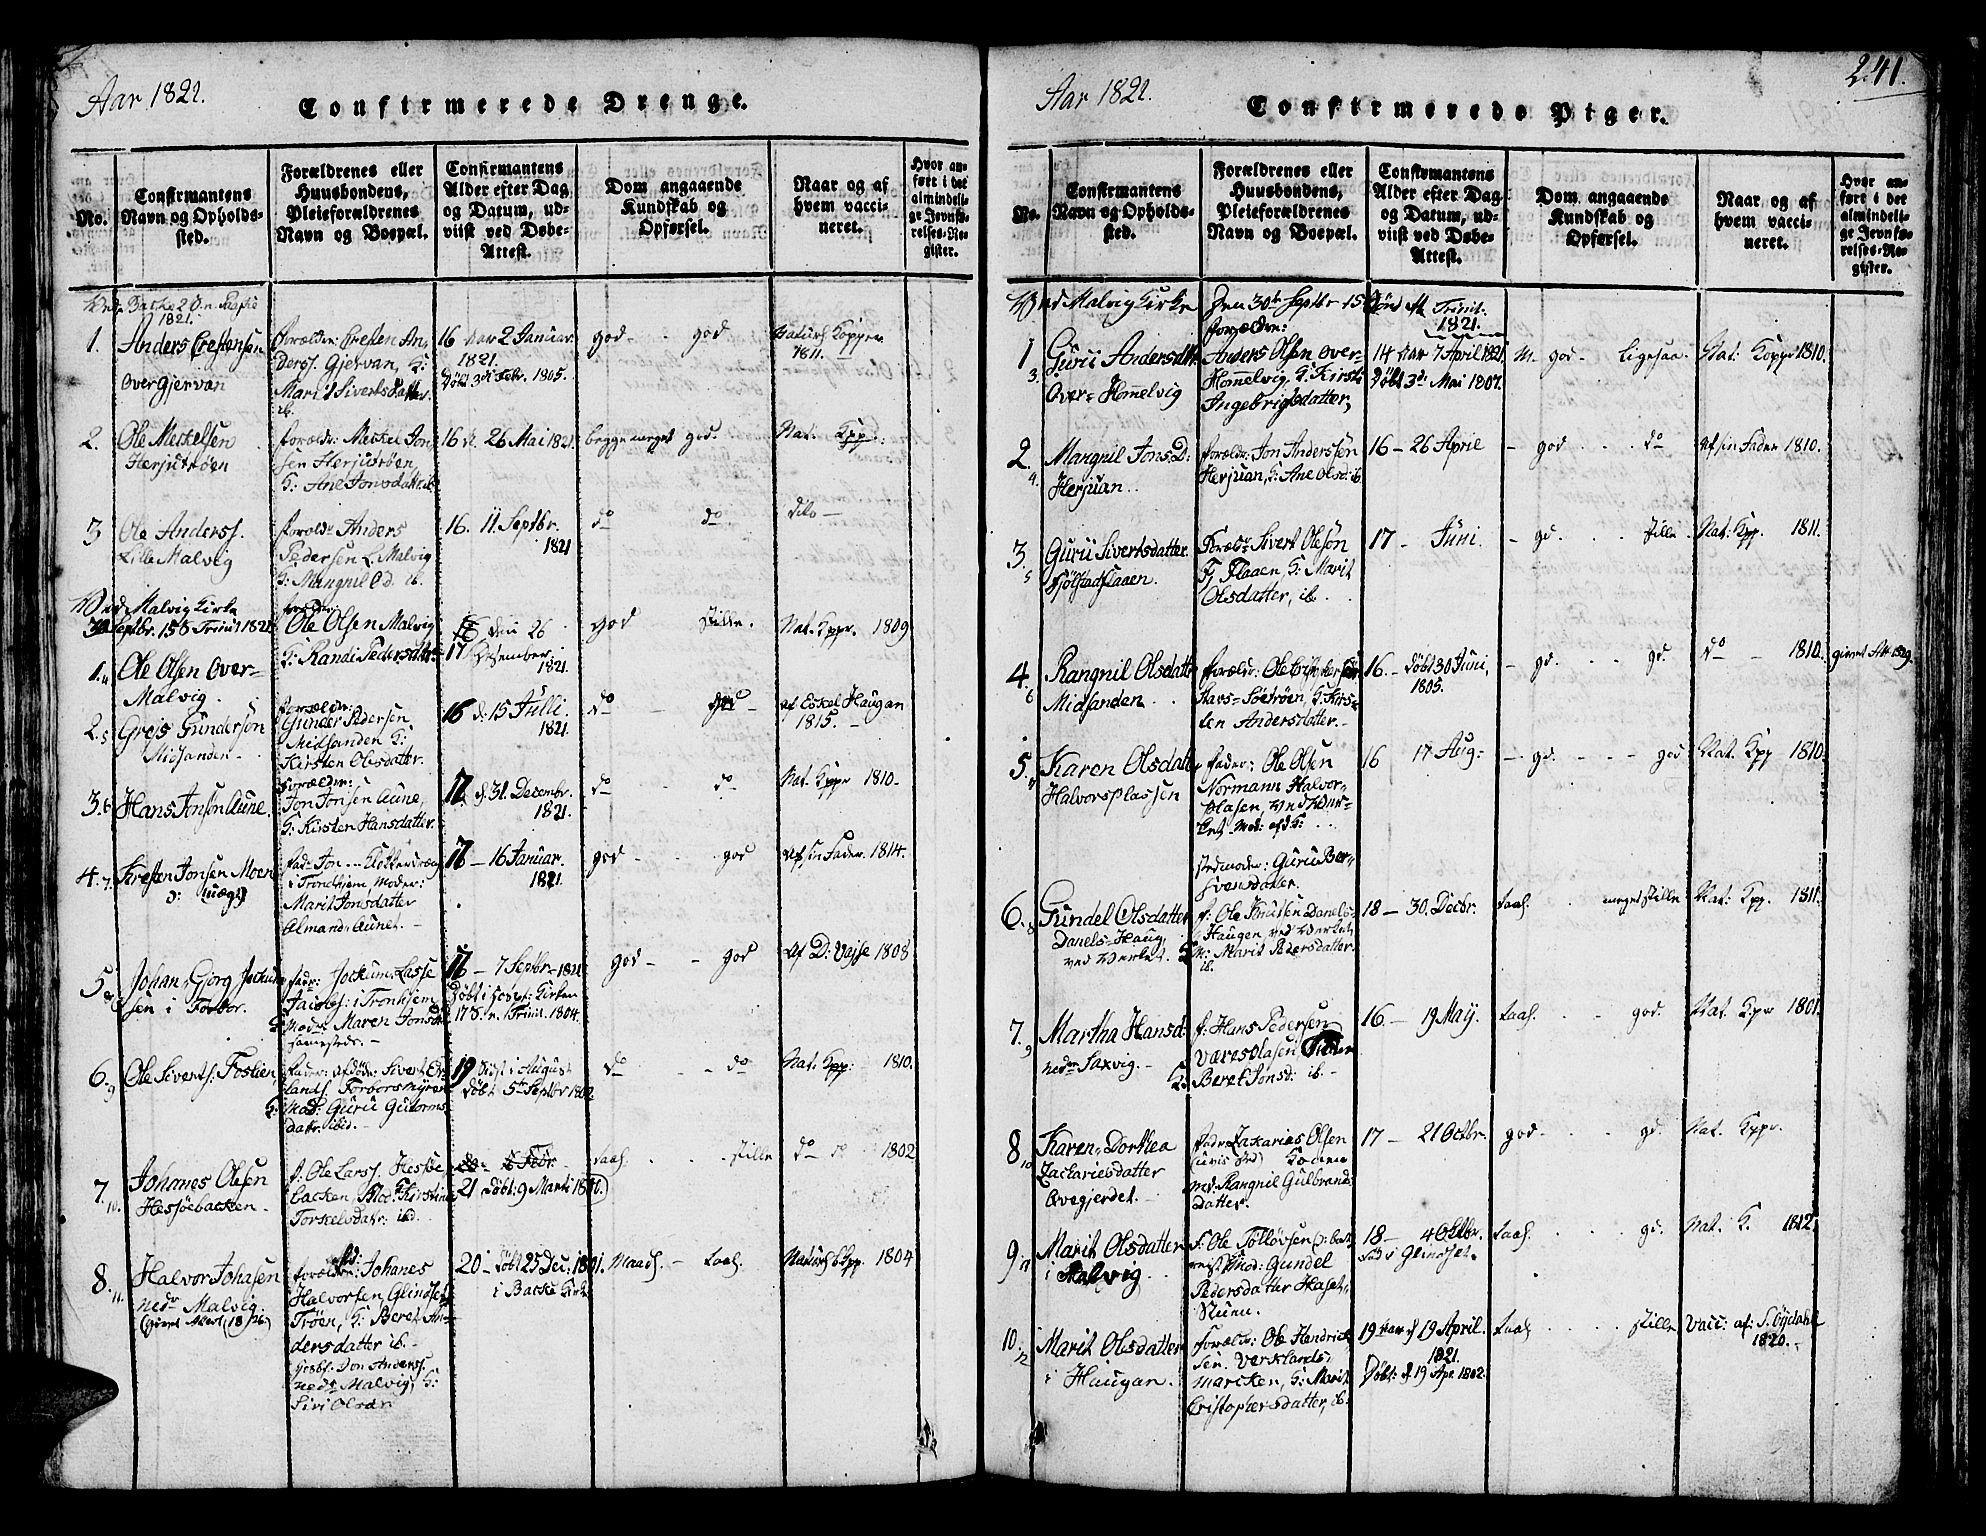 SAT, Ministerialprotokoller, klokkerbøker og fødselsregistre - Sør-Trøndelag, 616/L0420: Klokkerbok nr. 616C03, 1817-1835, s. 241